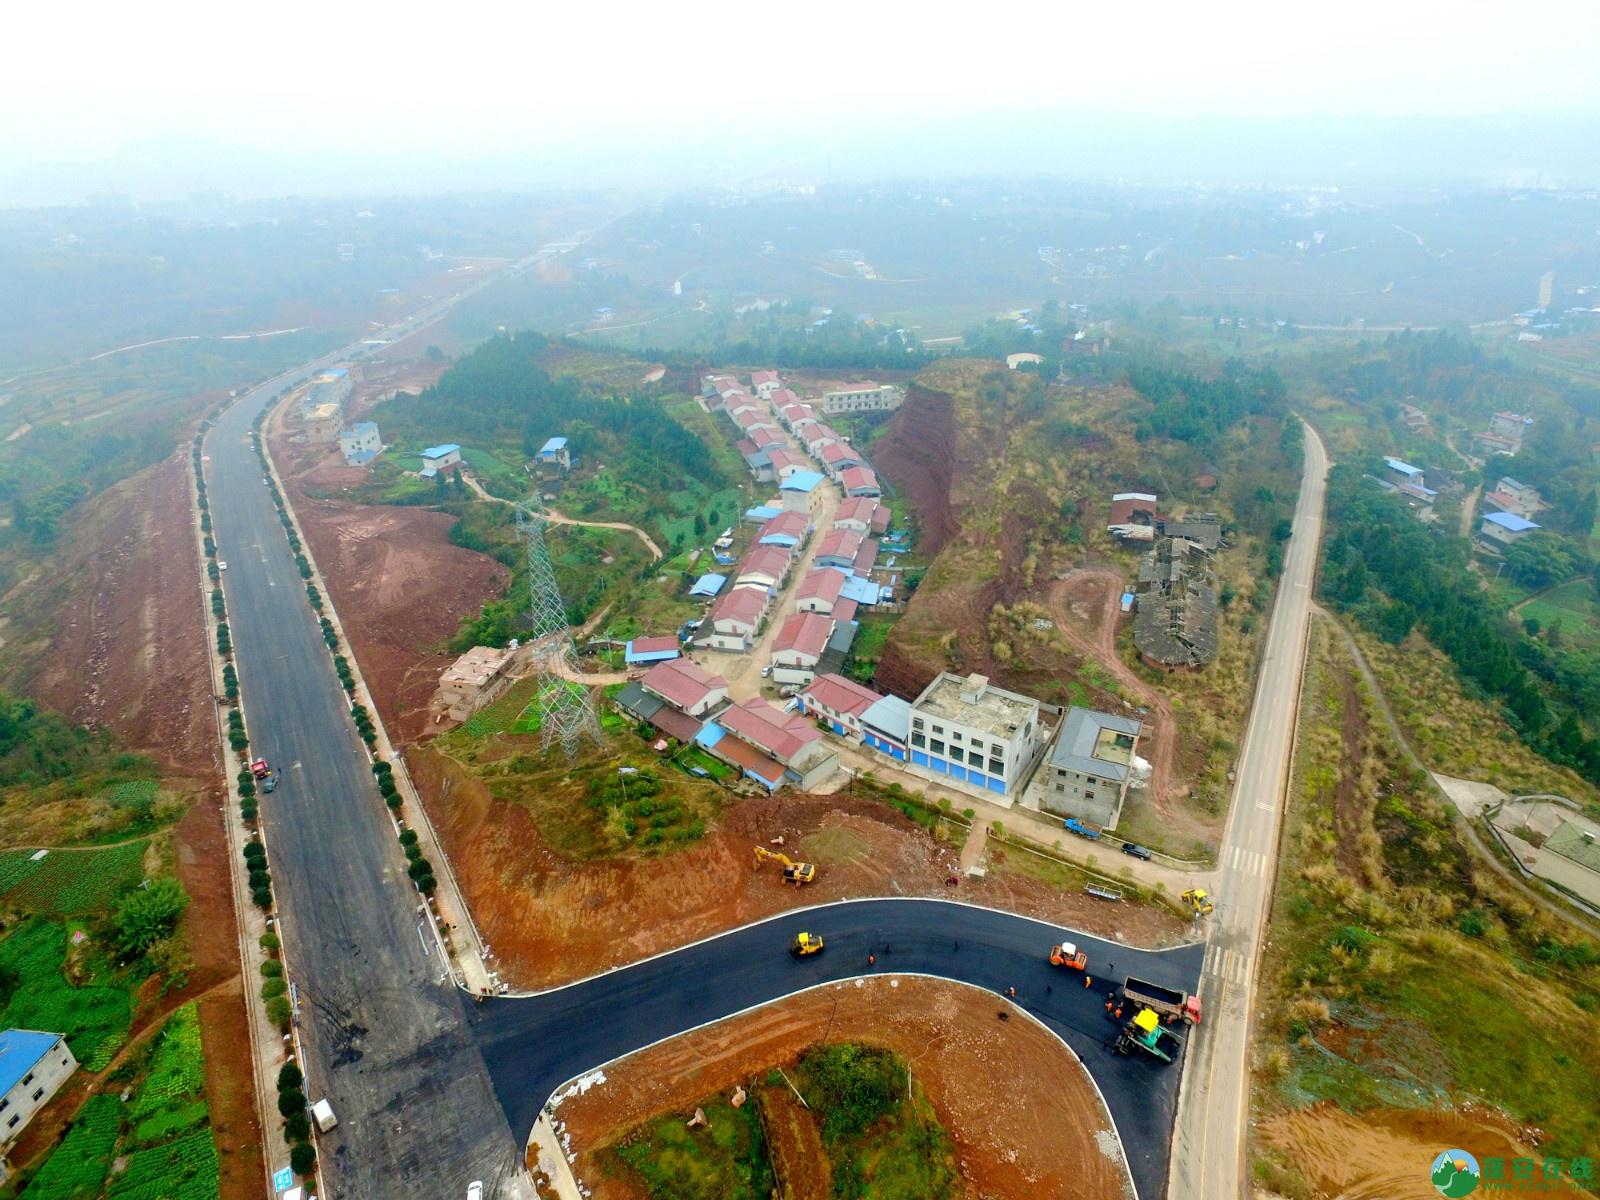 蓬安县凤凰大桥西延线、燕山大道、锦屏干一道、抚琴大道交通要道最新进展!(2019.12.24) - 第28张  | 蓬安在线